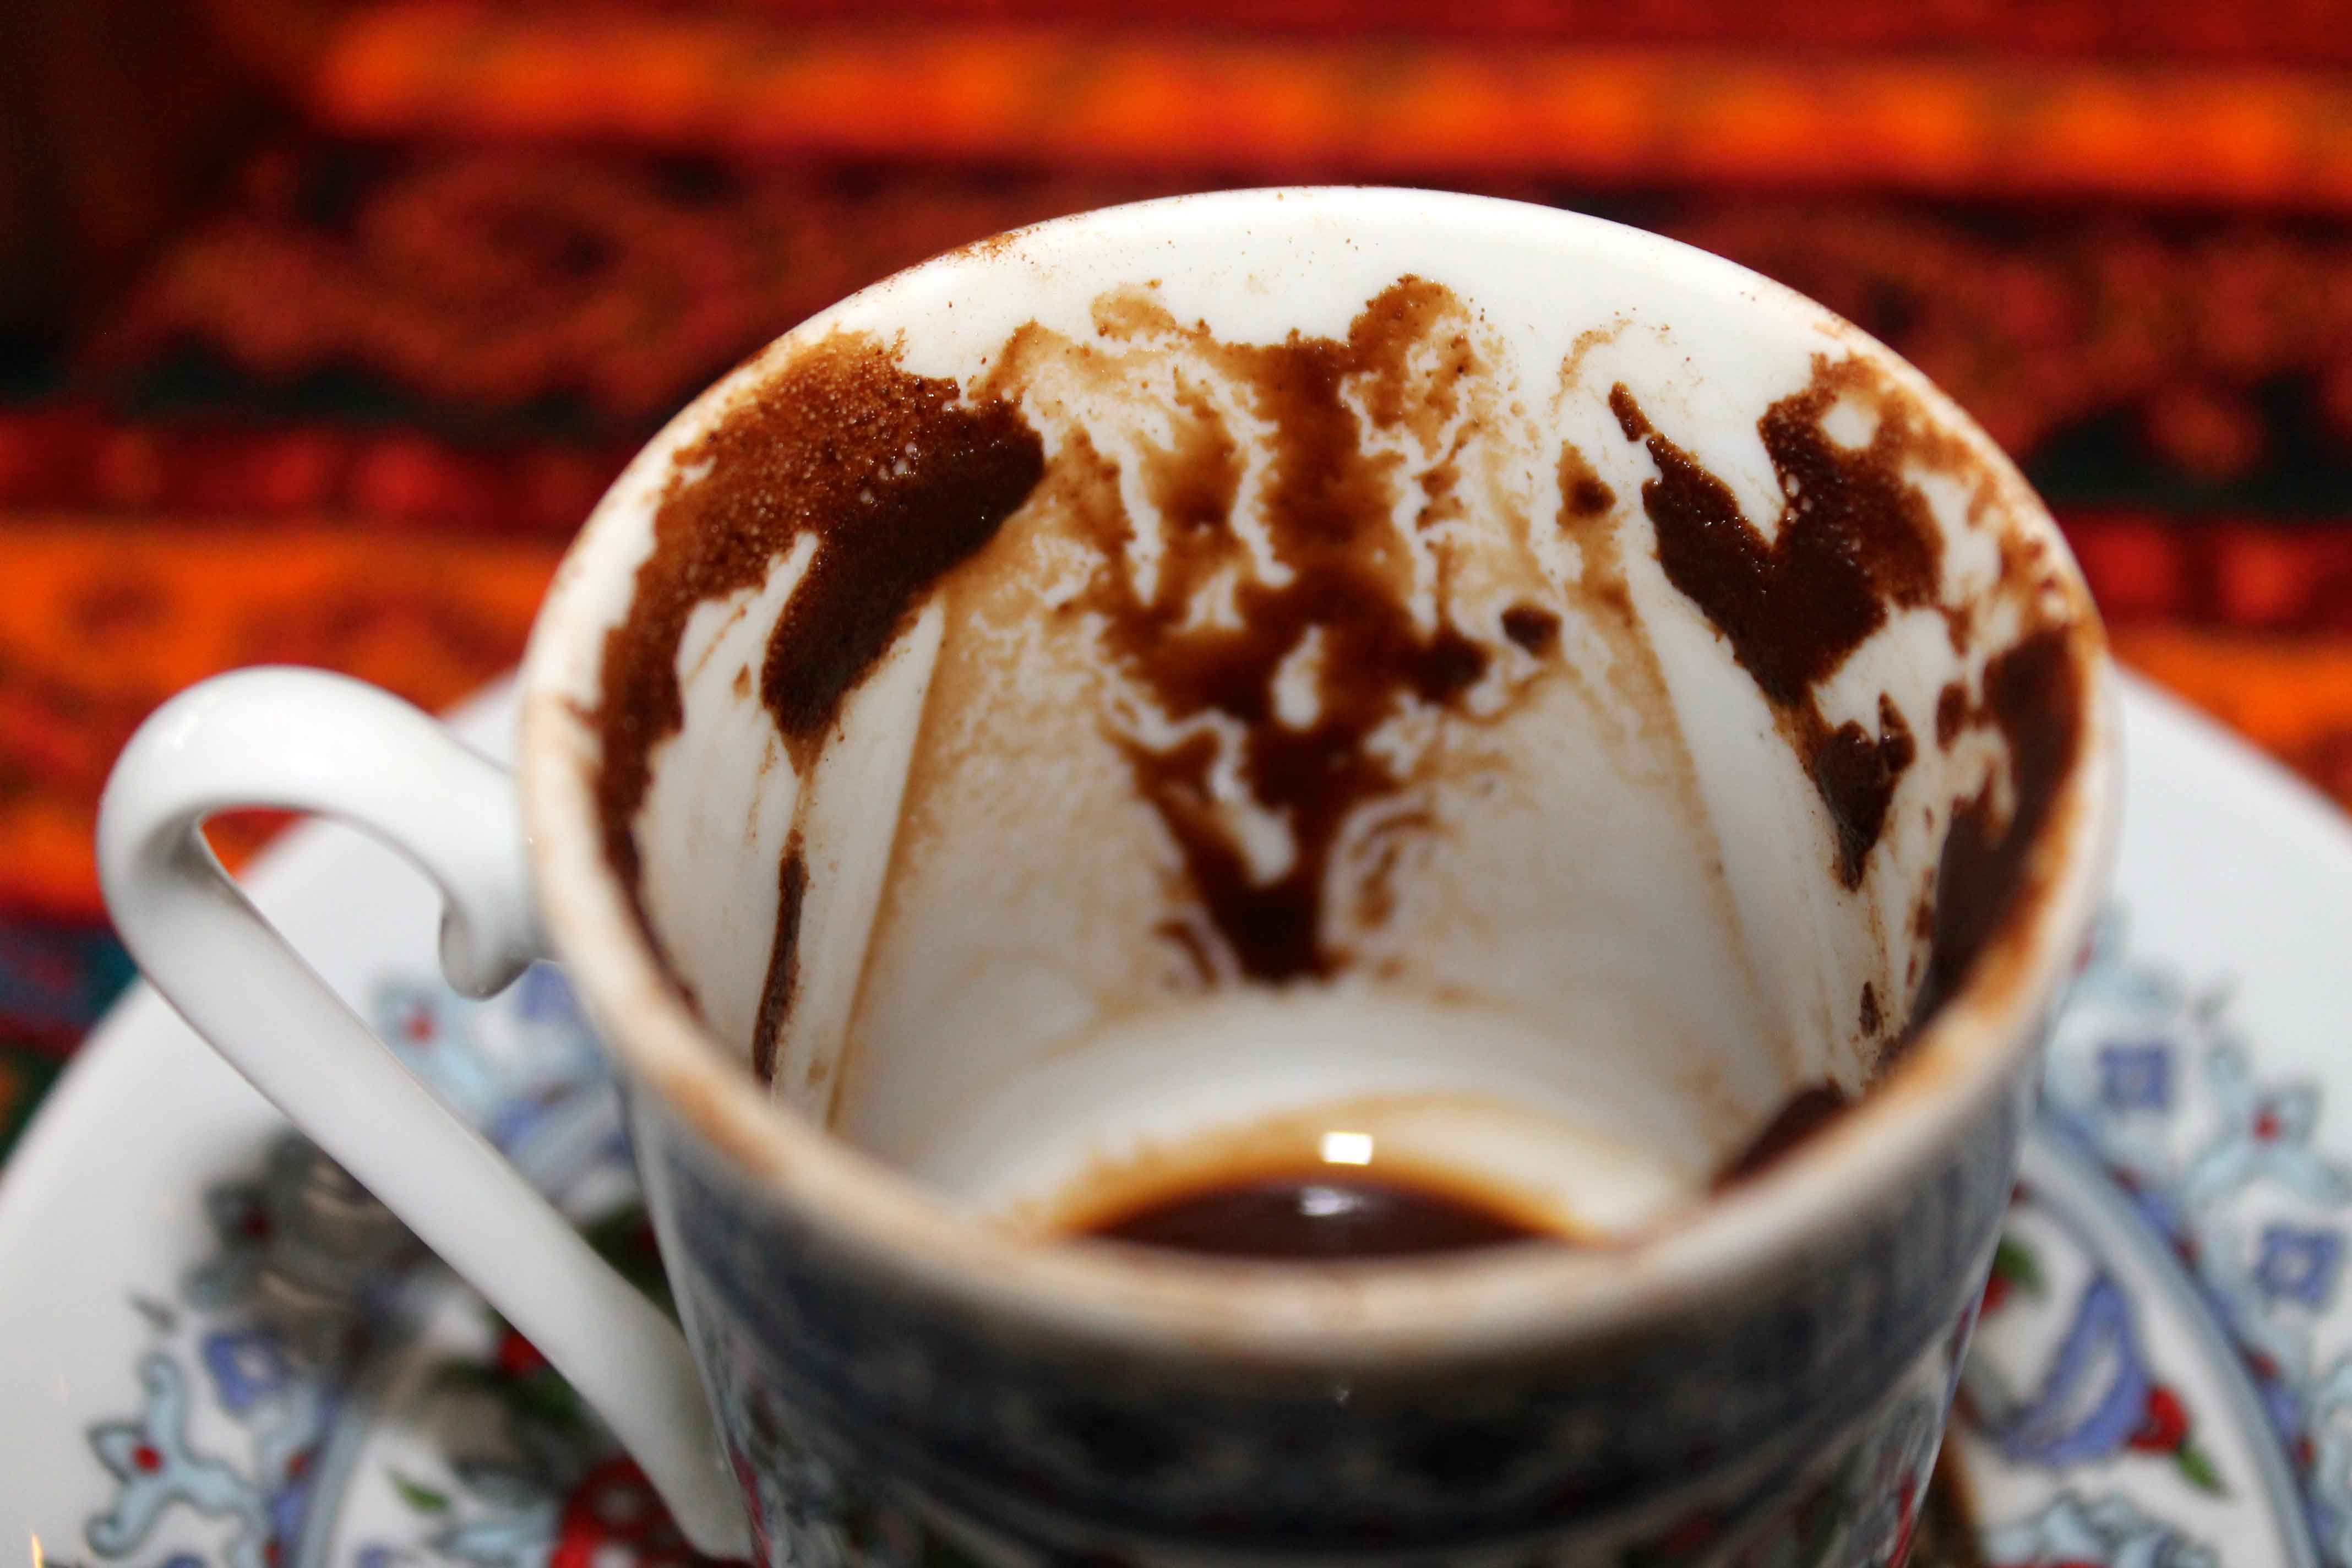 kahve falı toplu para ile ilgili görsel sonucu